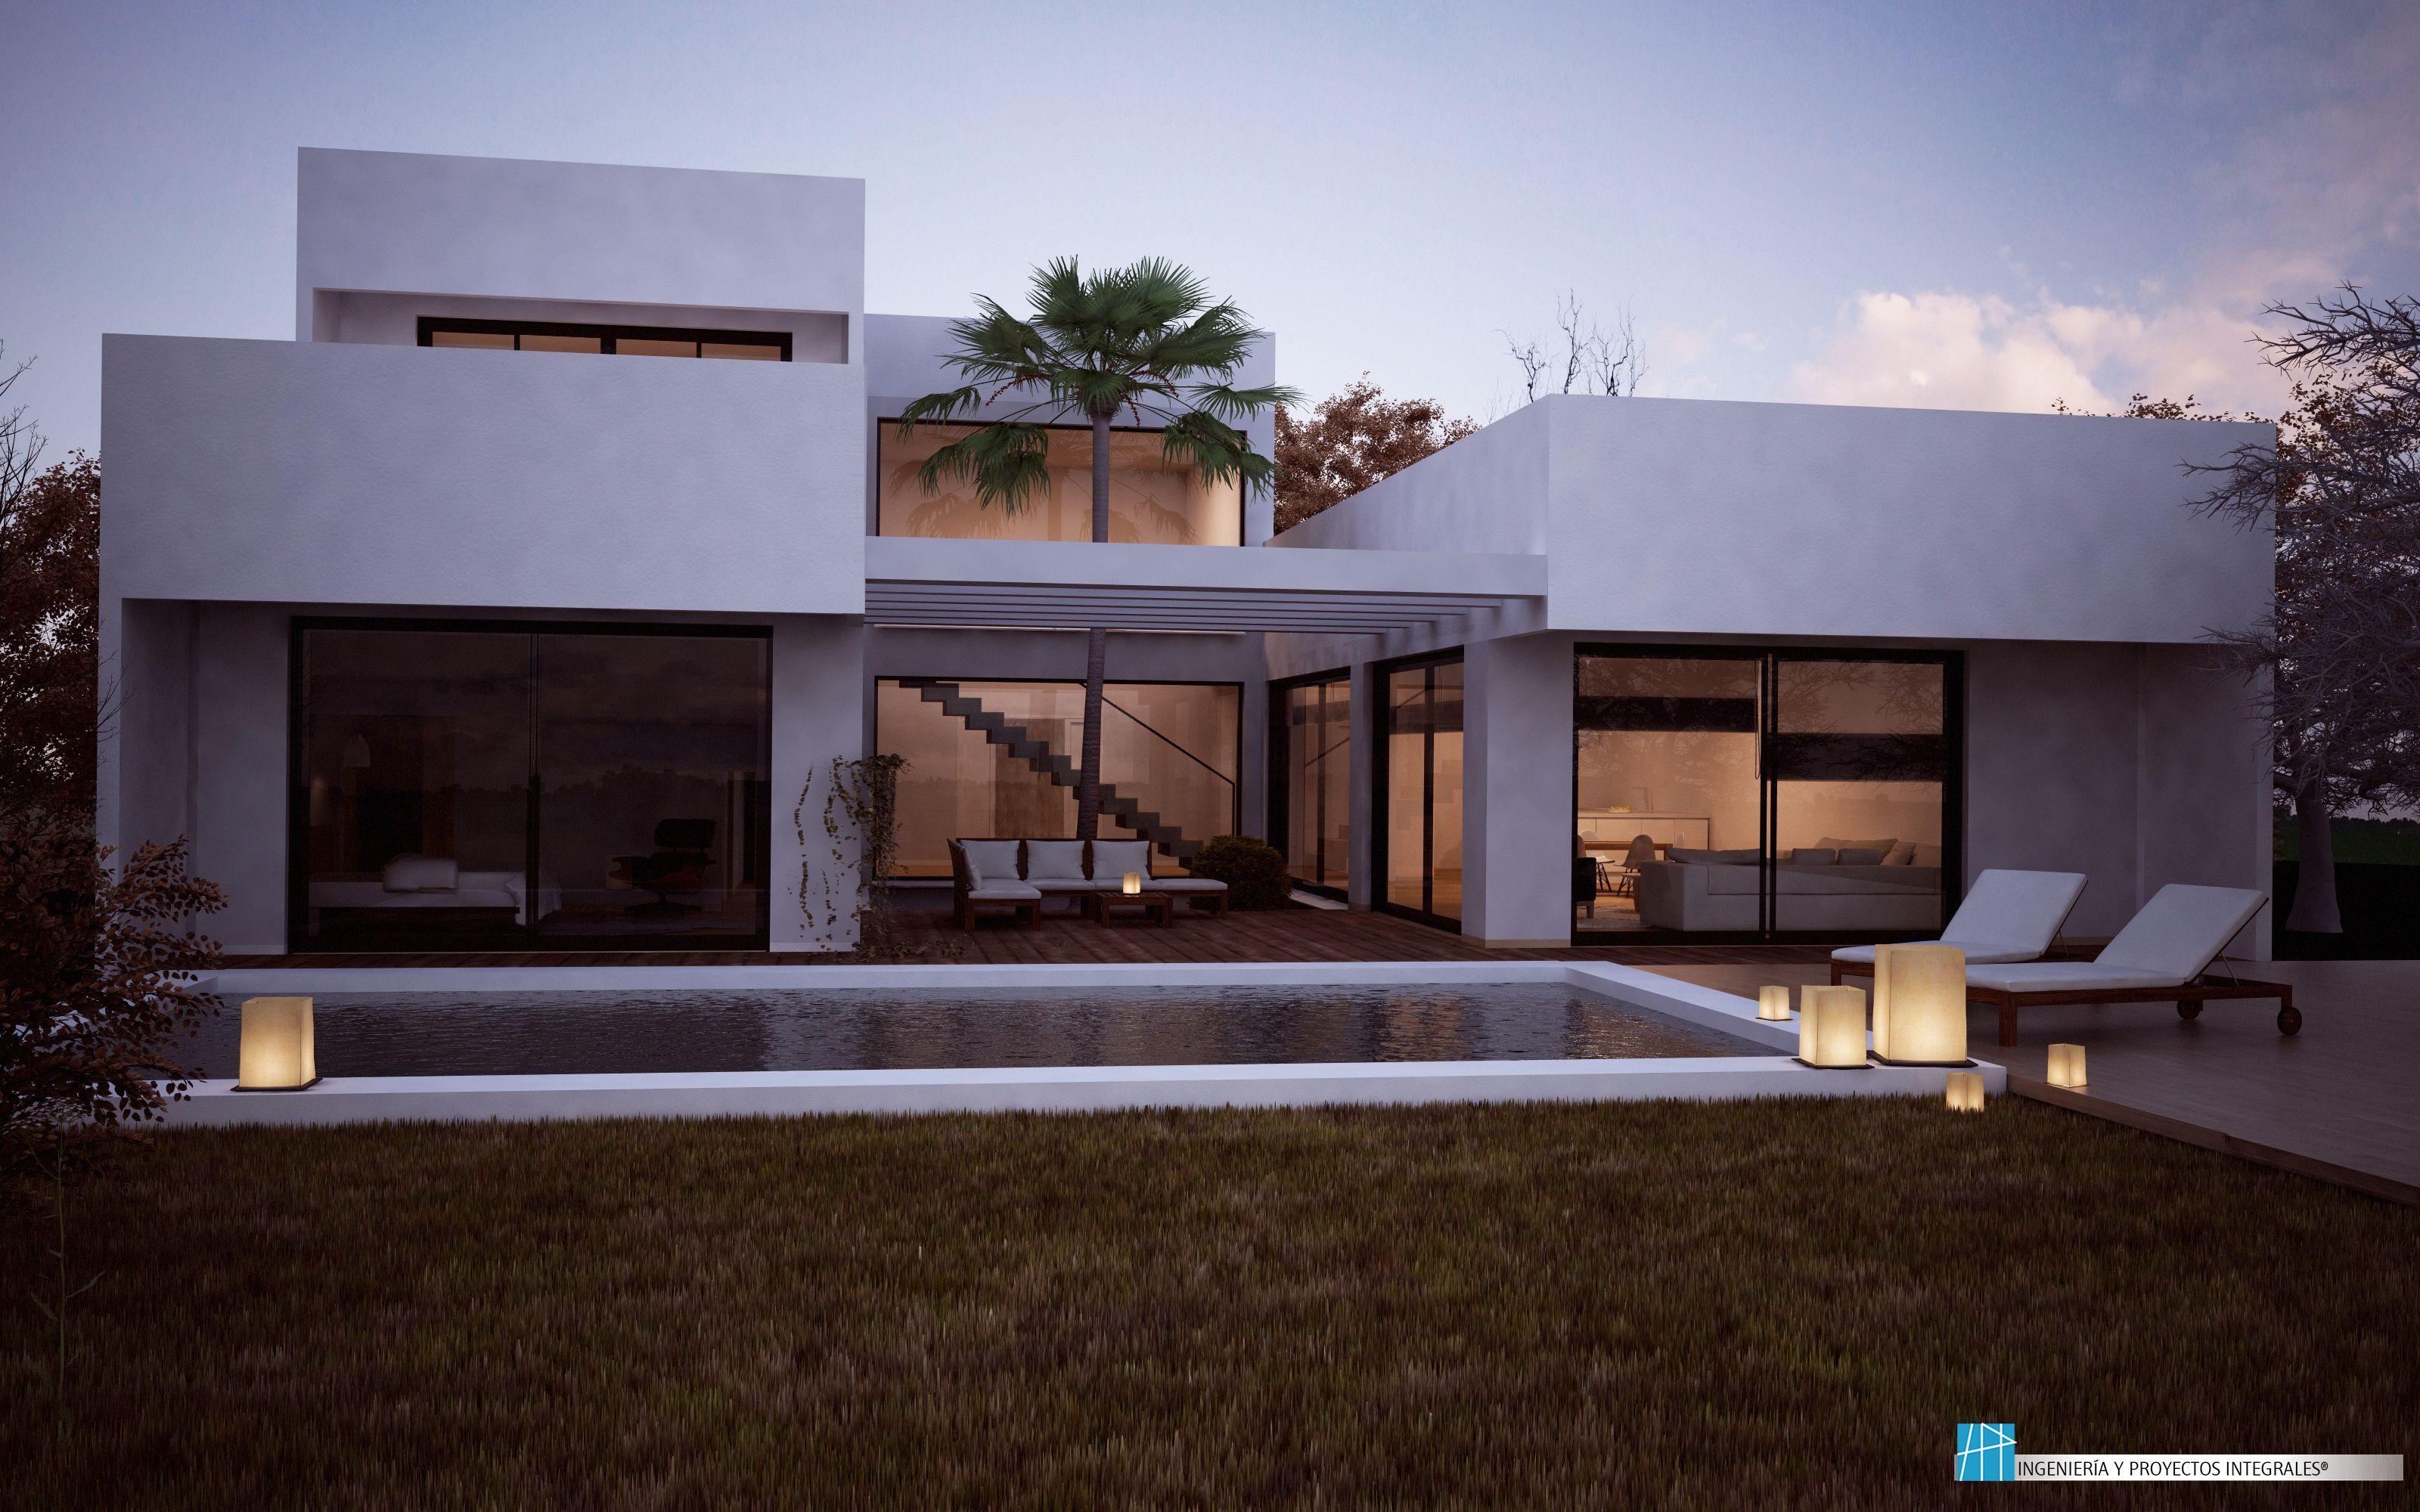 Viviendas Unifamiliares Casa Patio Arquitectura